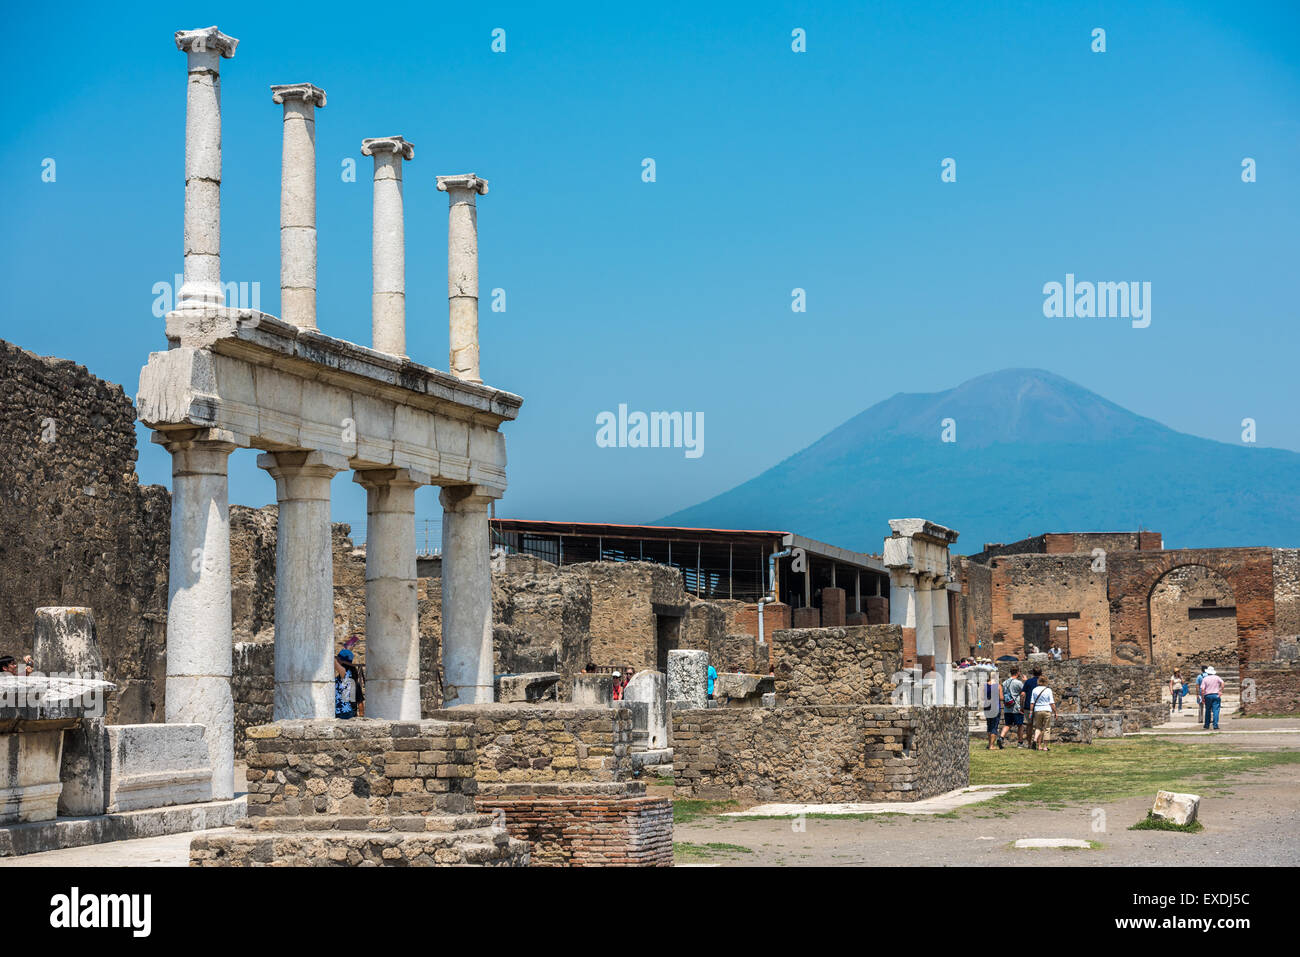 Las ruinas de la antigua Pompeya, Italia Foto de stock